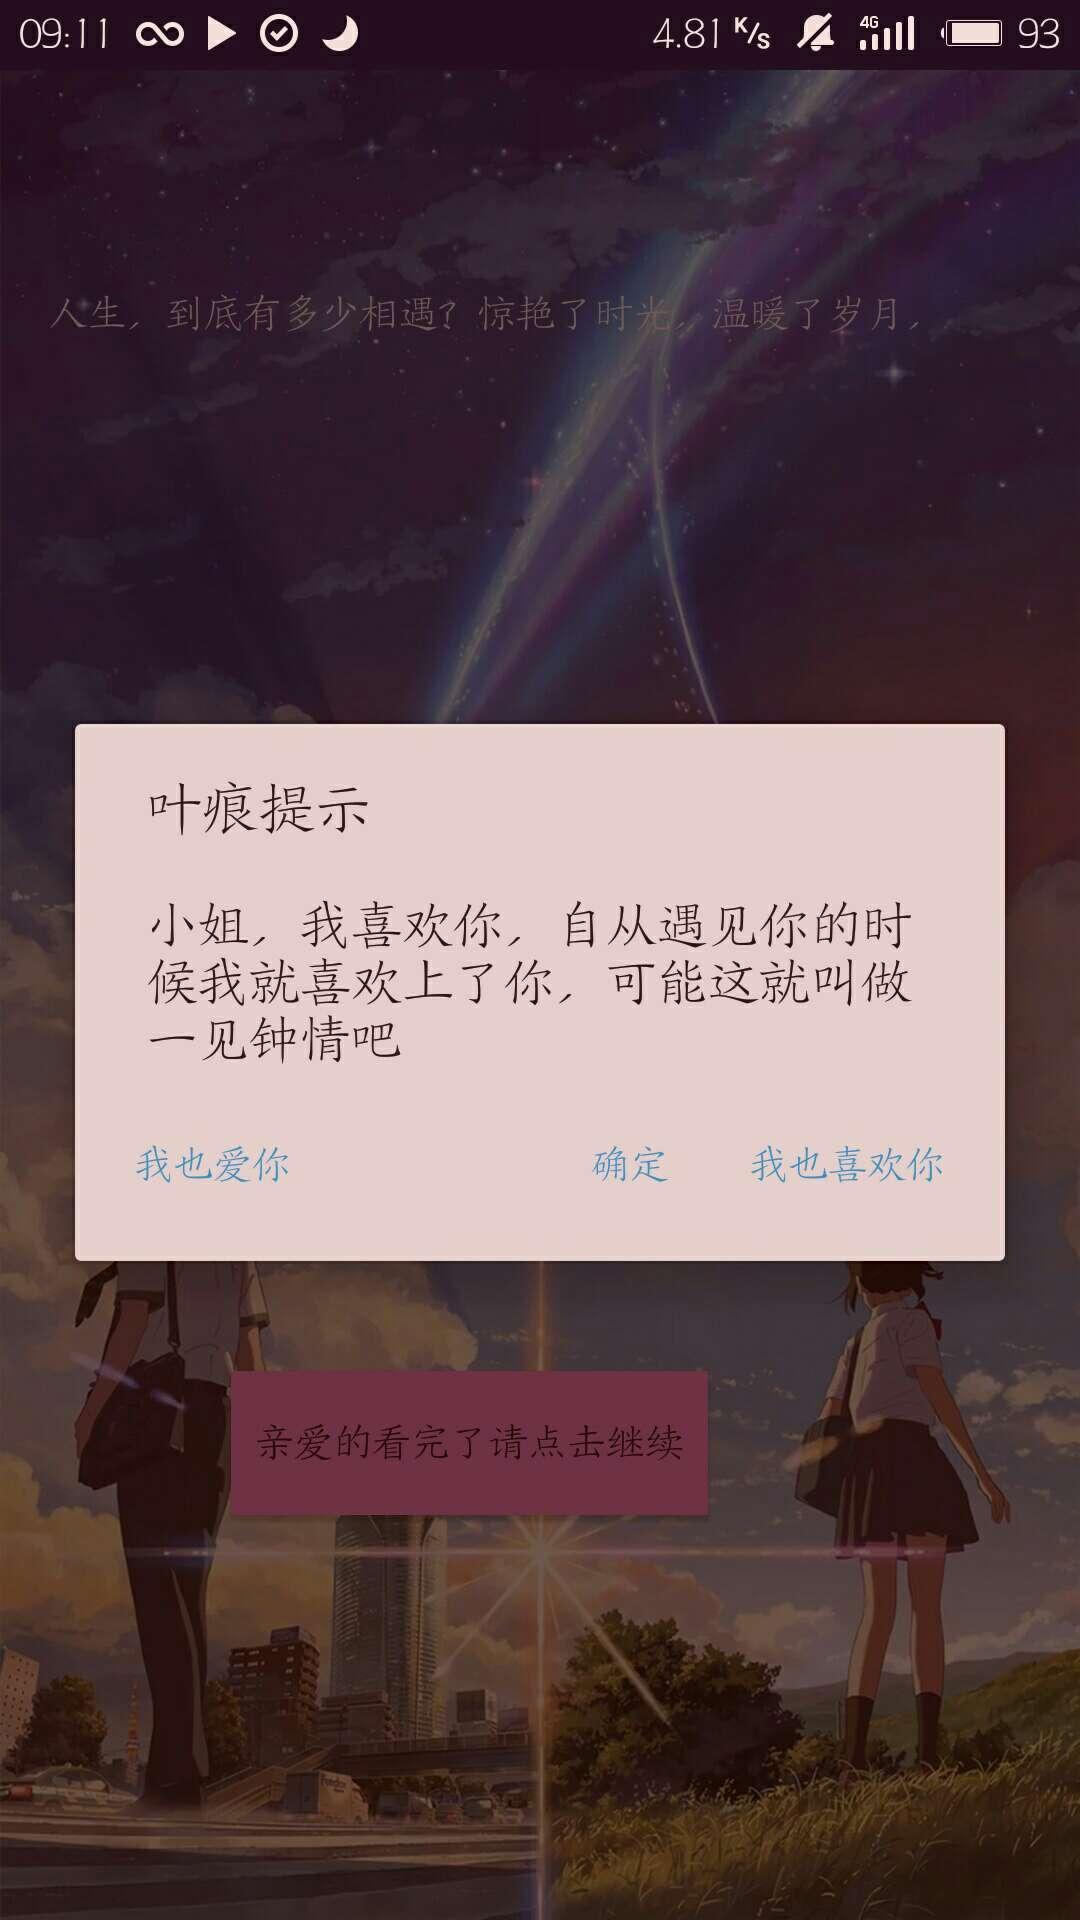 「原创开发」爱之恋 13.14(表白的)